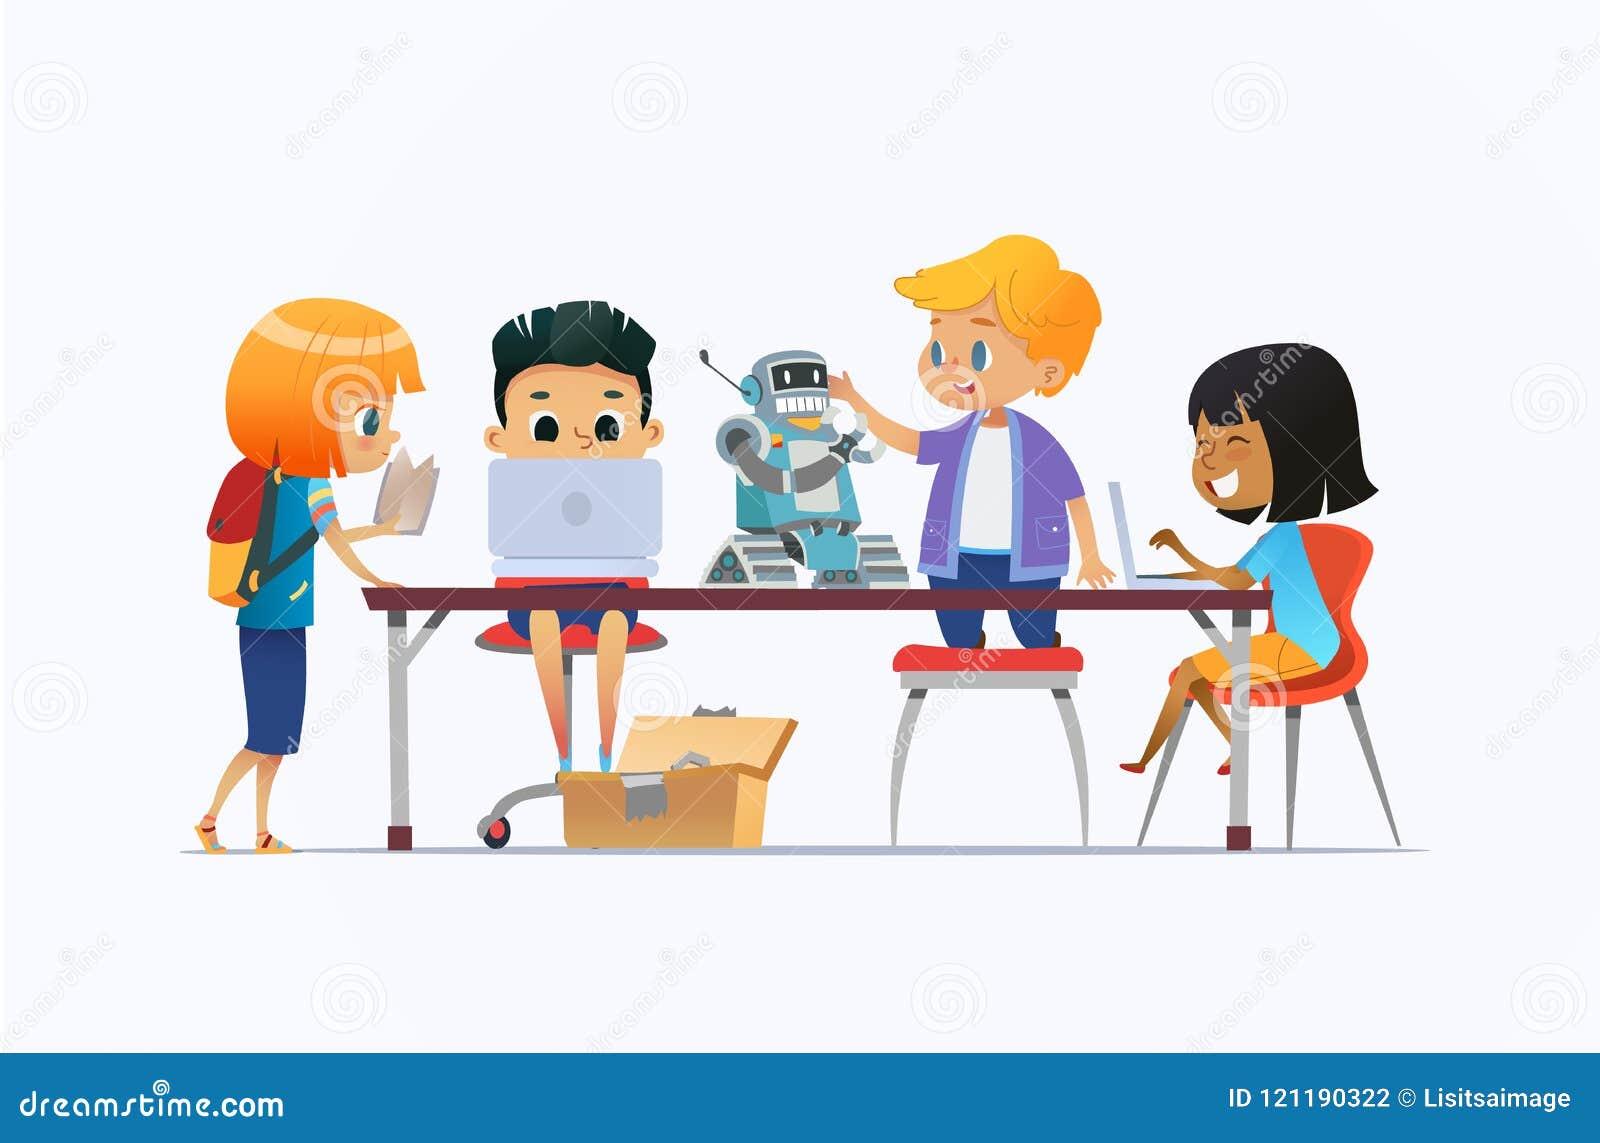 站立和坐在有膝上型计算机和机器人的书桌附近和研究编程的学校项目的男孩和女孩